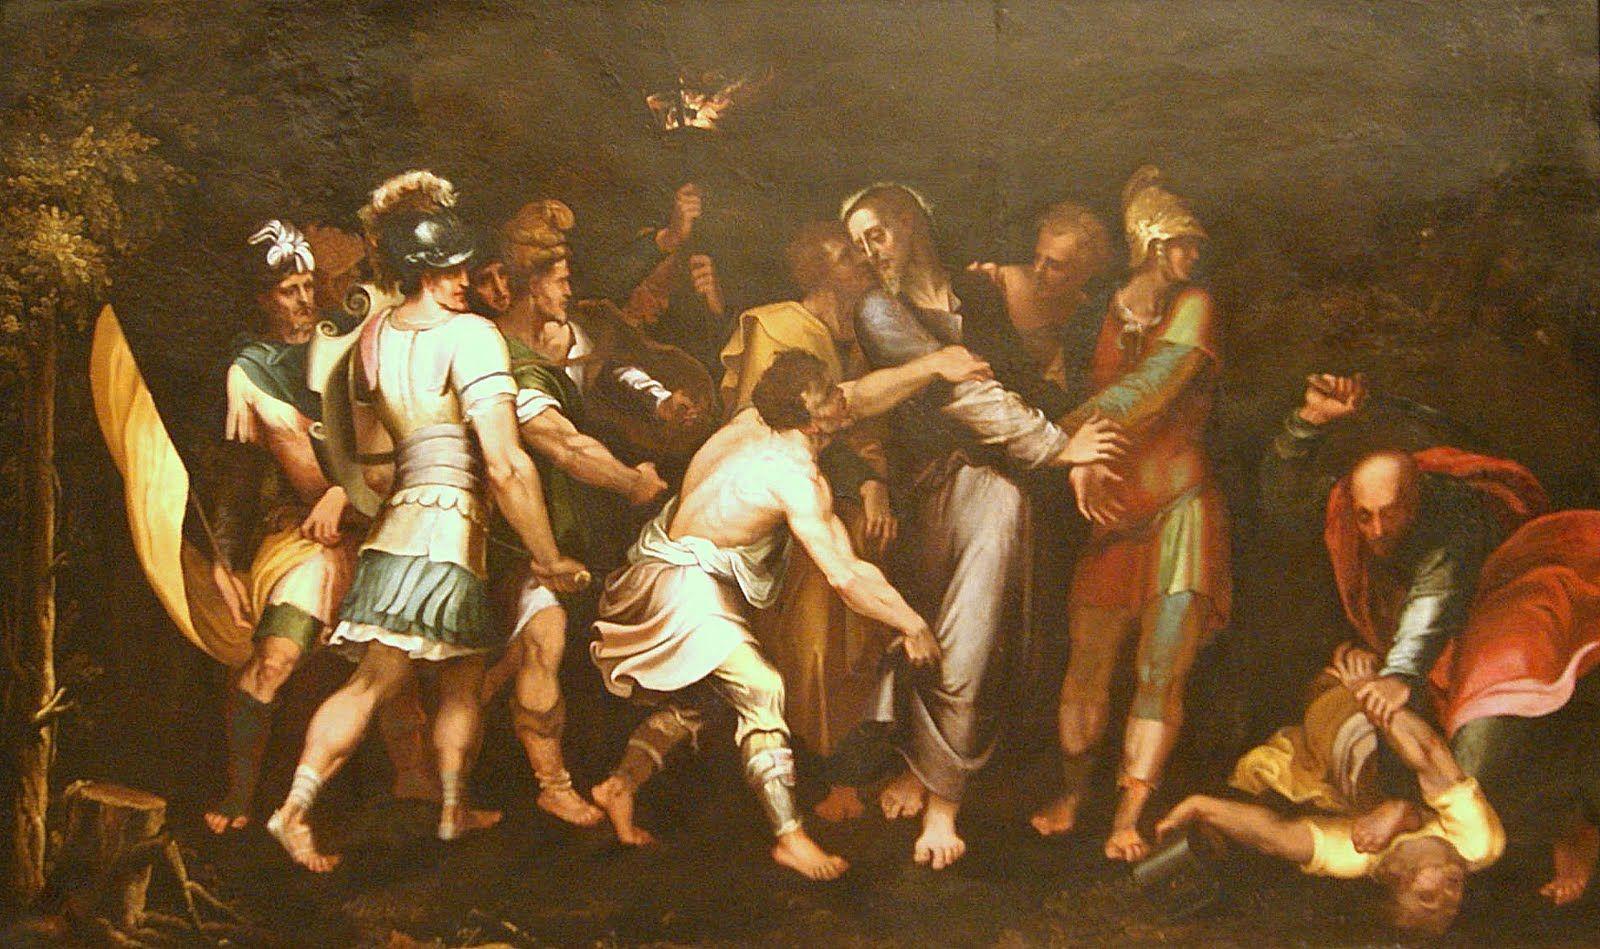 Luis De Vargas Pintor Sevillano Leyendas De Sevilla El Museo De Bellas Artes De Sevilla Bellas Artes Arte Museos